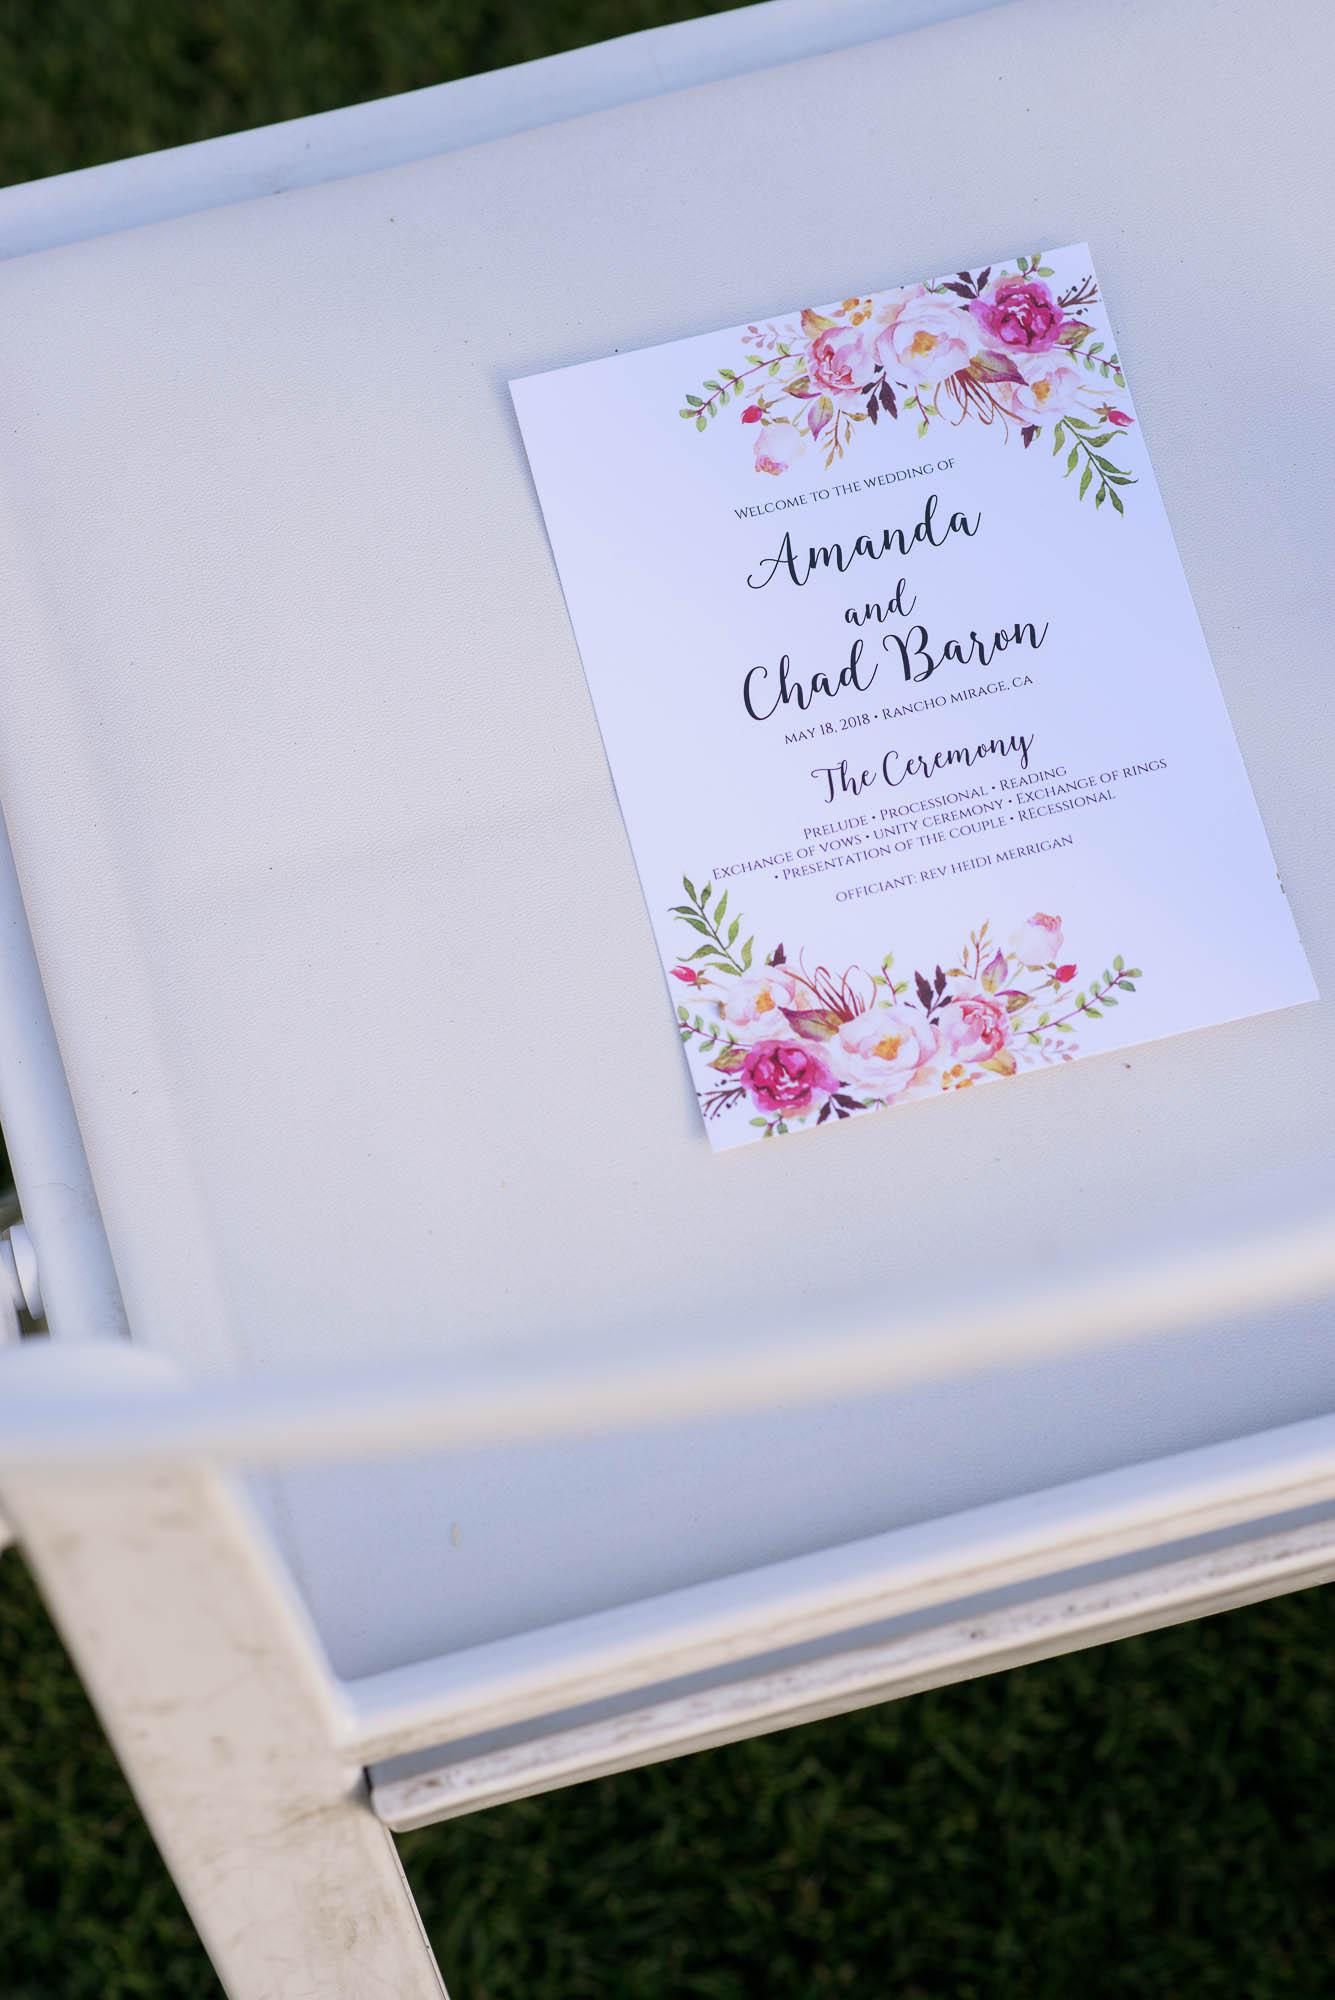 031_Alan_and_Heidi_Wedding_Amanda_Chad